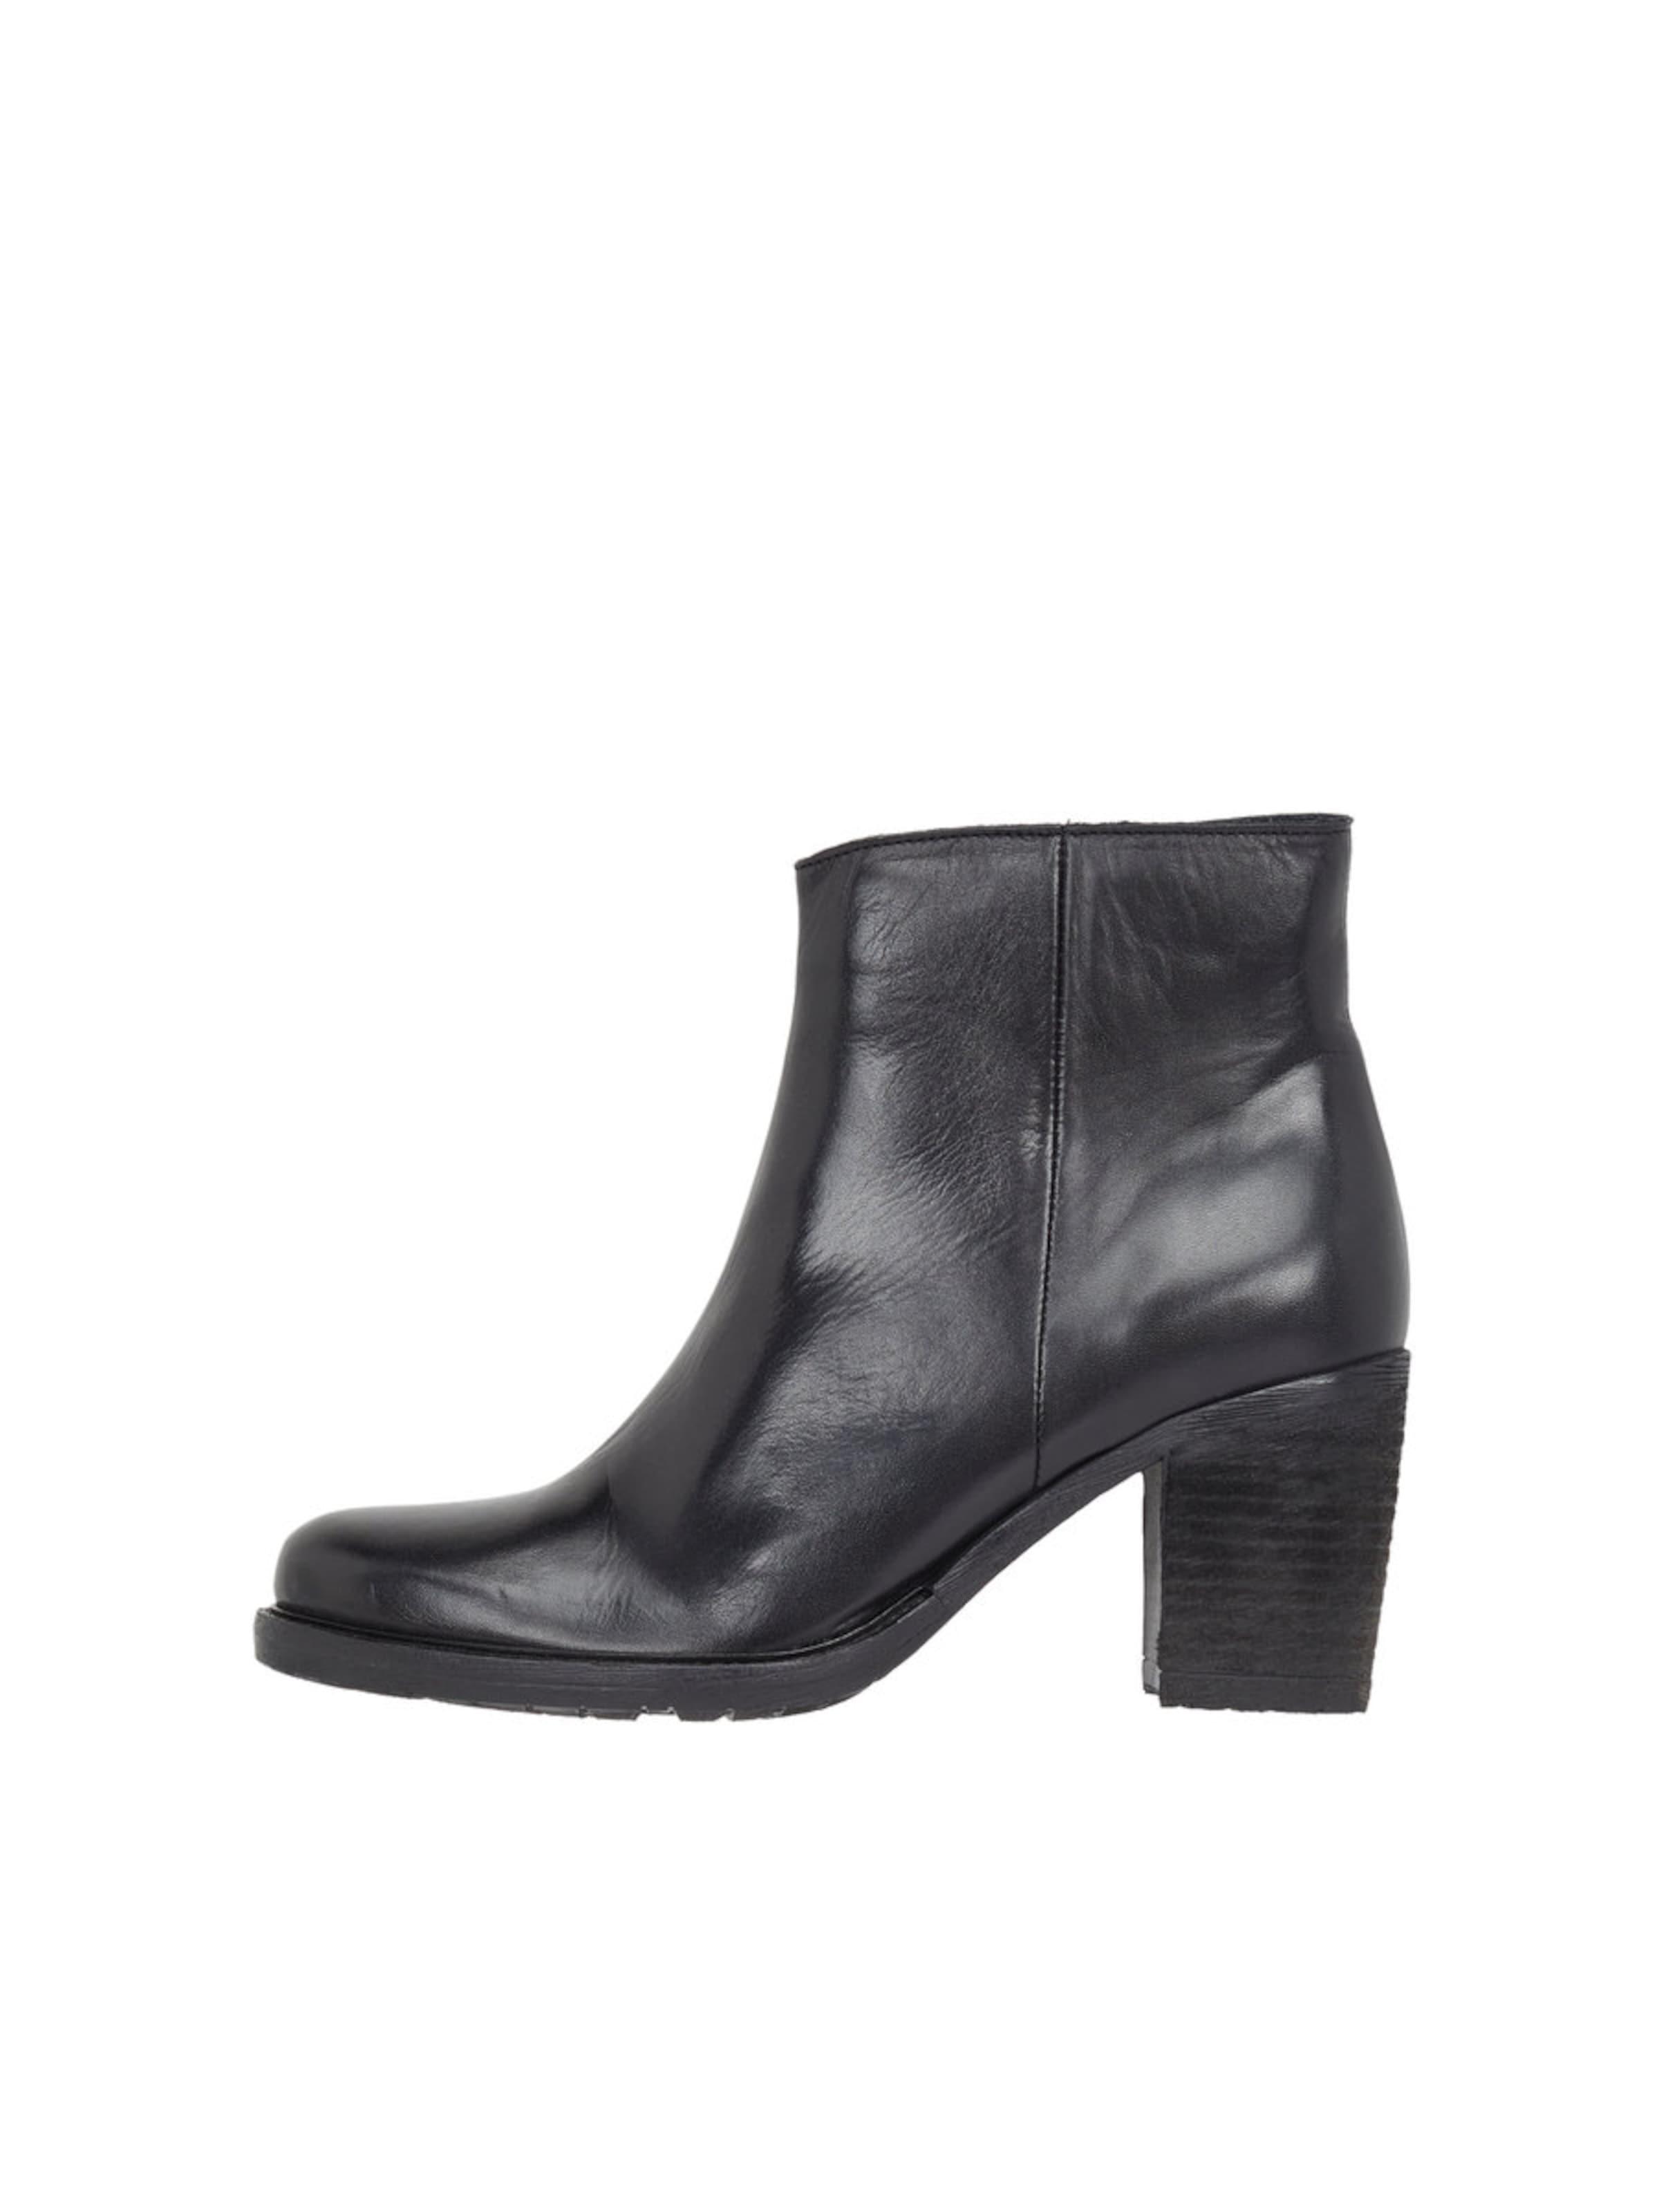 Bianco Lässige Wildleder-Stiefel Günstige und langlebige Schuhe